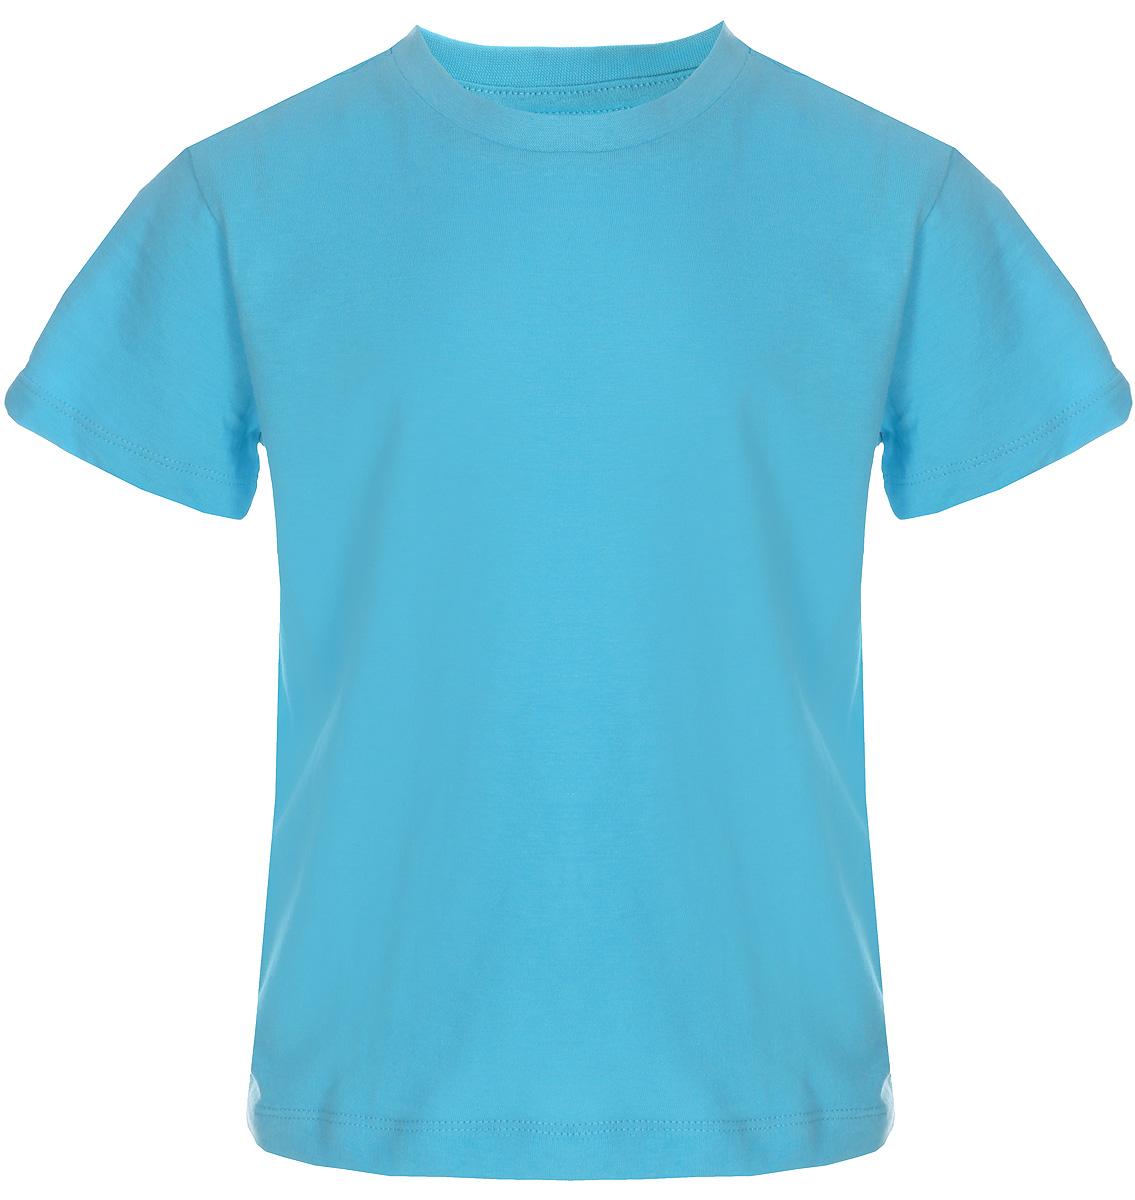 Футболка для мальчика Sela, цвет: бирюзовый. Ts-711/533-8223. Размер 92Ts-711/533-8223Футболка для мальчика Sela выполнена из натурального хлопка. Модель с круглым вырезом горловины и короткими рукавами.